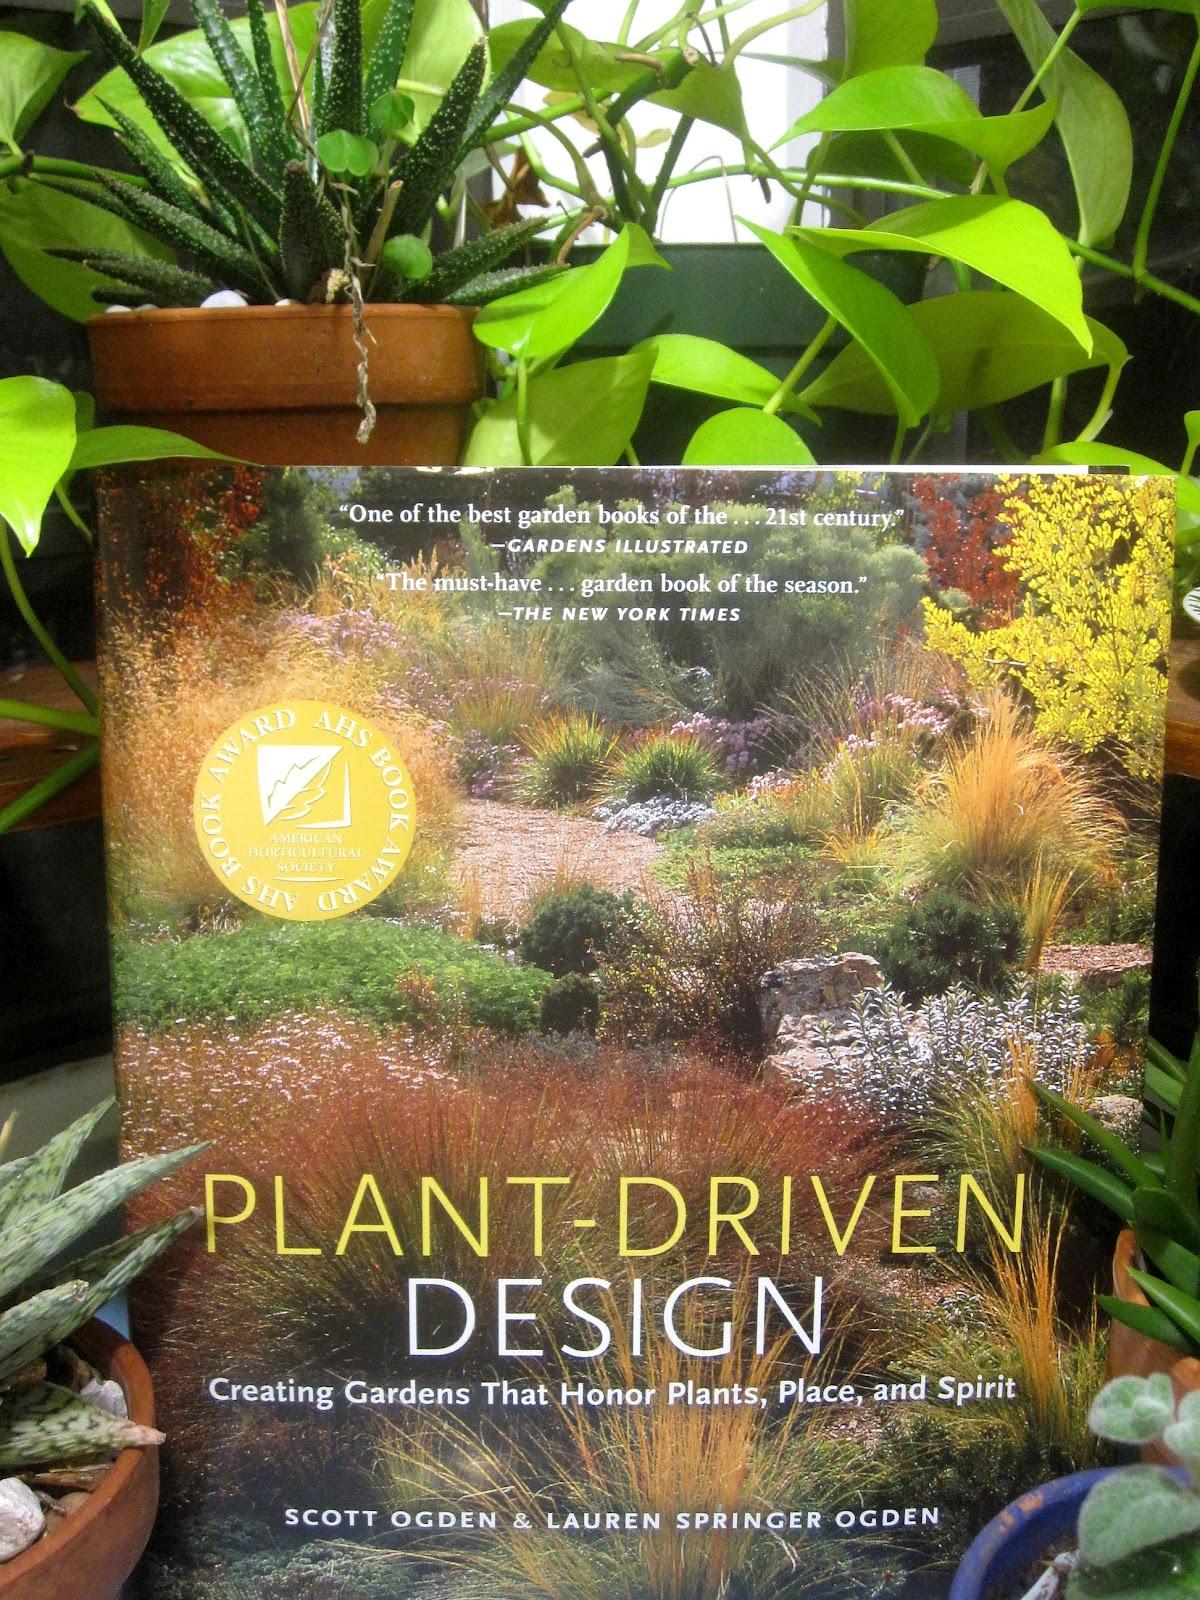 Tropical Texana Plant Driven Design Garden Book Review